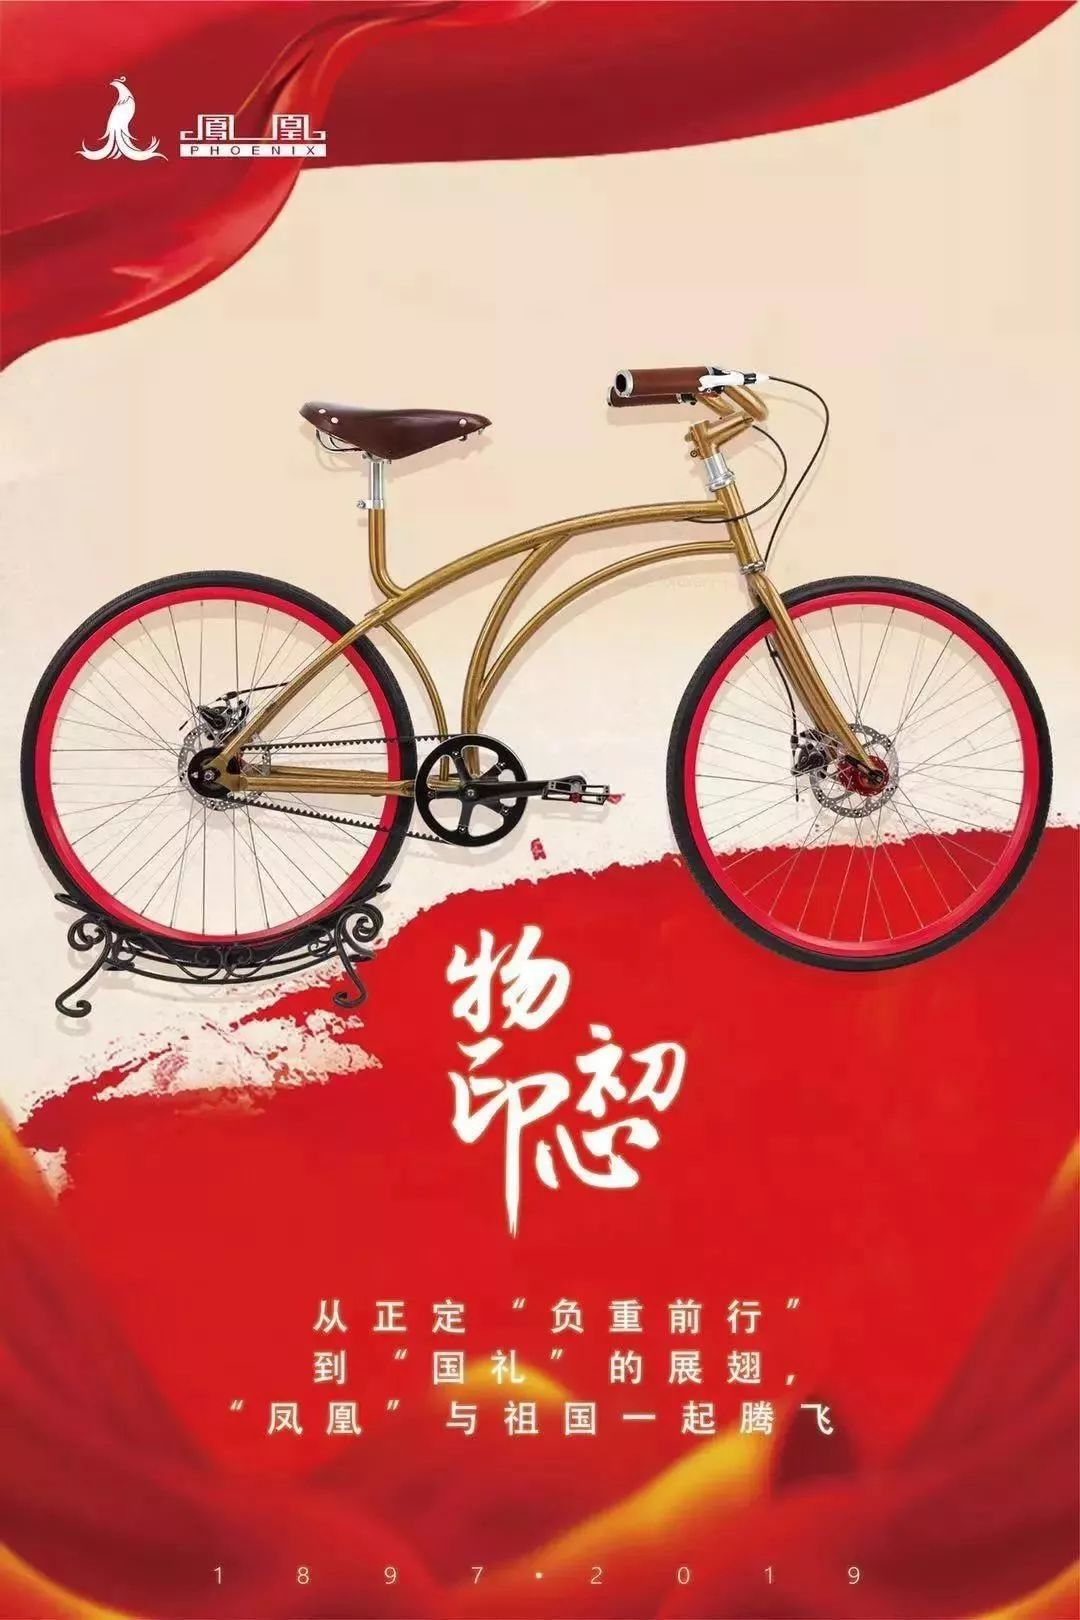 一百辆凤凰自行车、三条旅游线路,上海虹口元素将亮相进博会